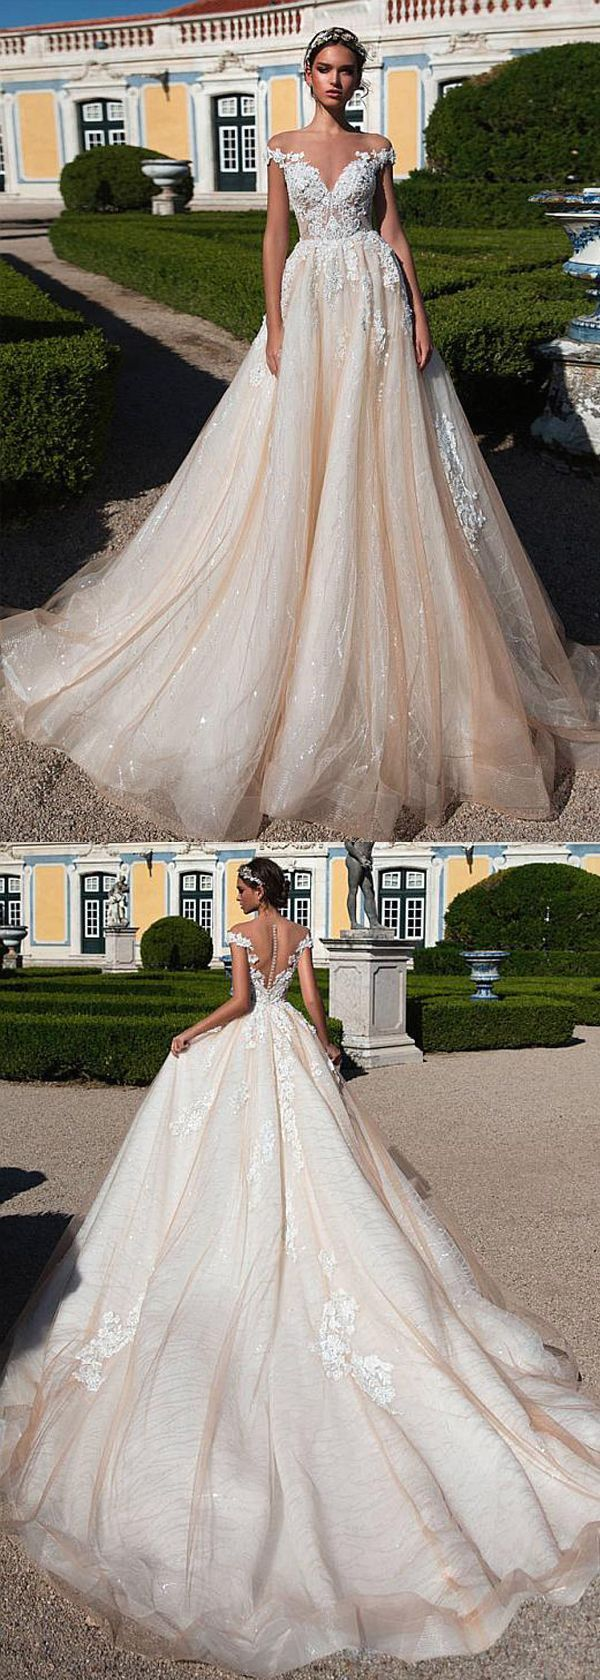 Wunderschöne Tüll Sheer Jewel Ausschnitt Natural Waistline A-Line Brautkleid mit #gorgeousgowns